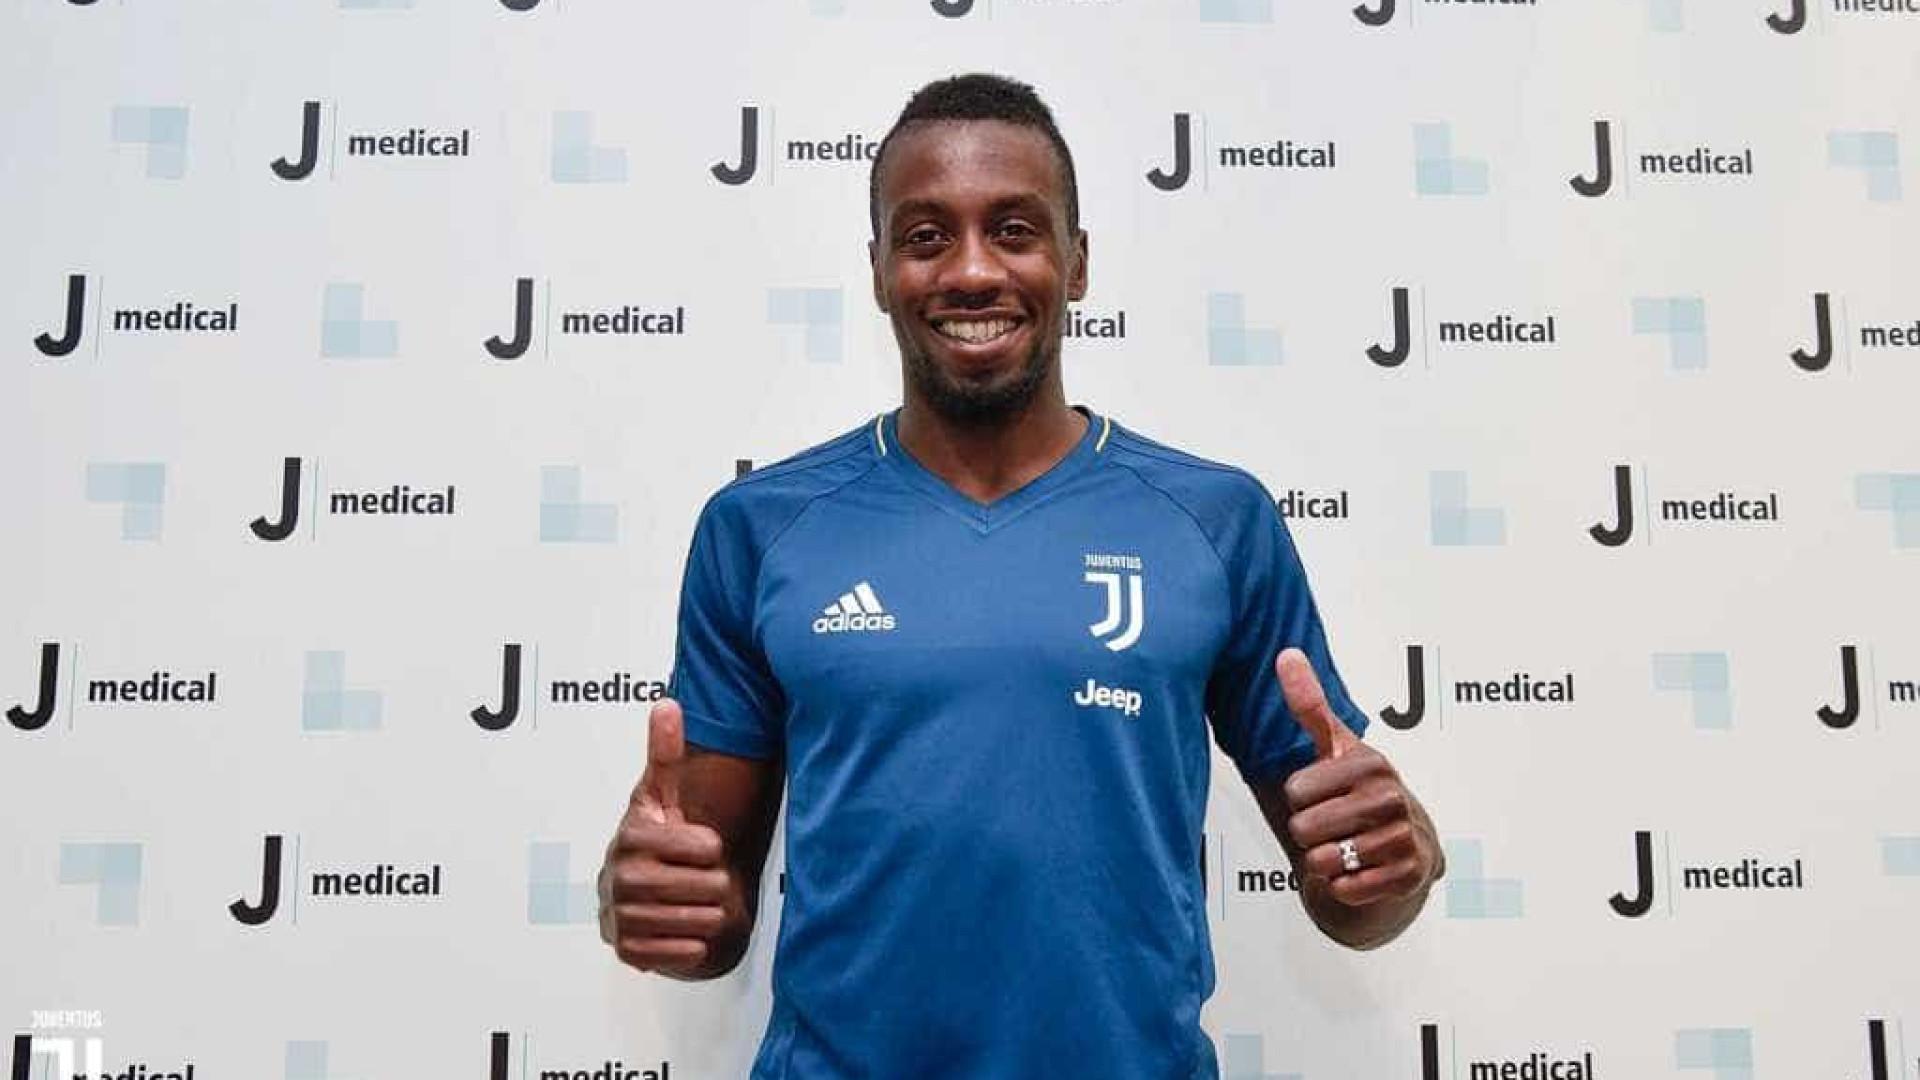 Matuidi teria acertado com a Juventus, aponta TV